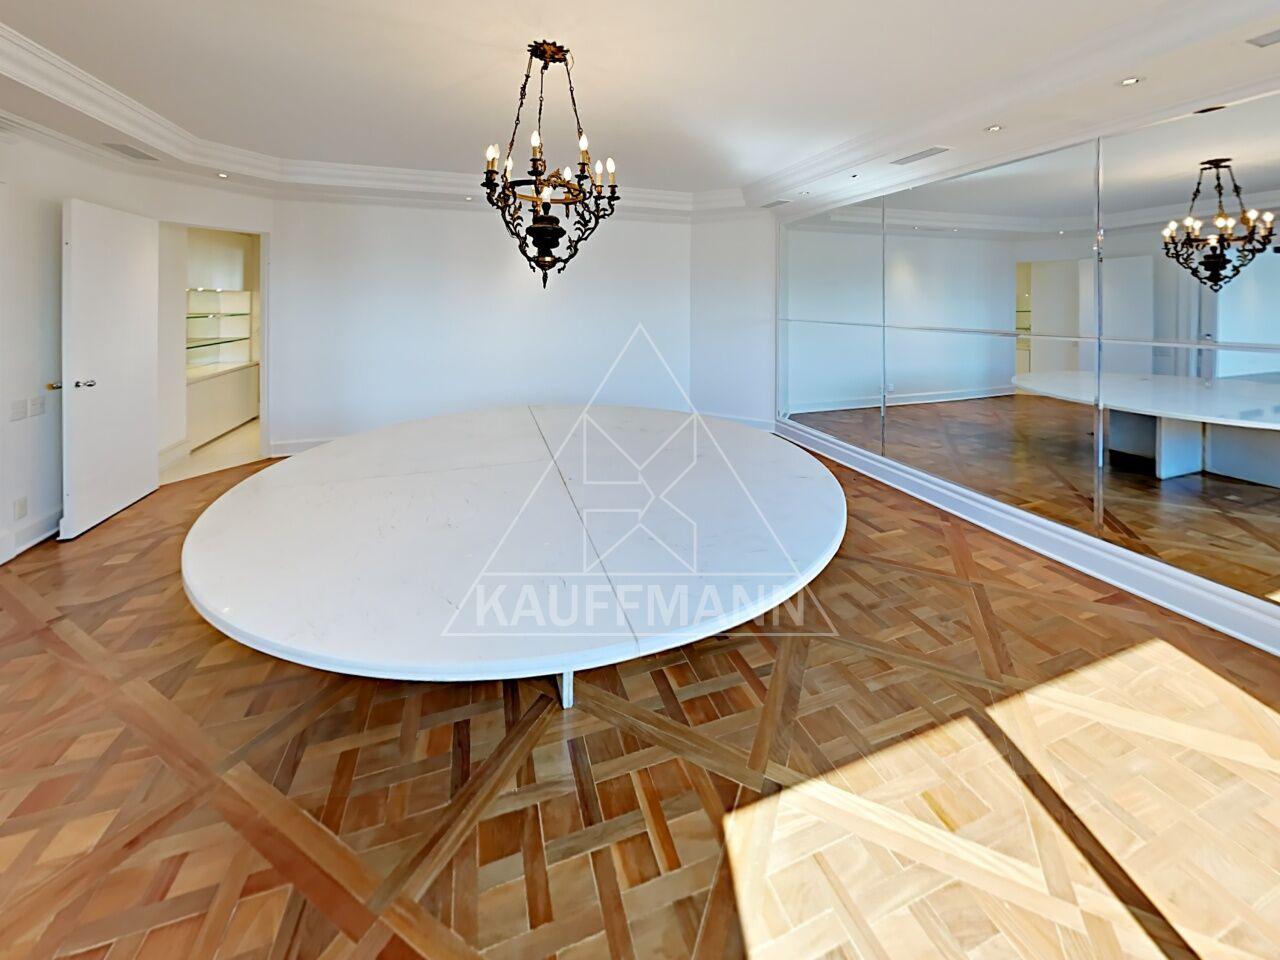 apartamento-venda-sao-paulo-jardim-america-regency-6dormitorios-6suites-7vagas-1099m2-Foto37